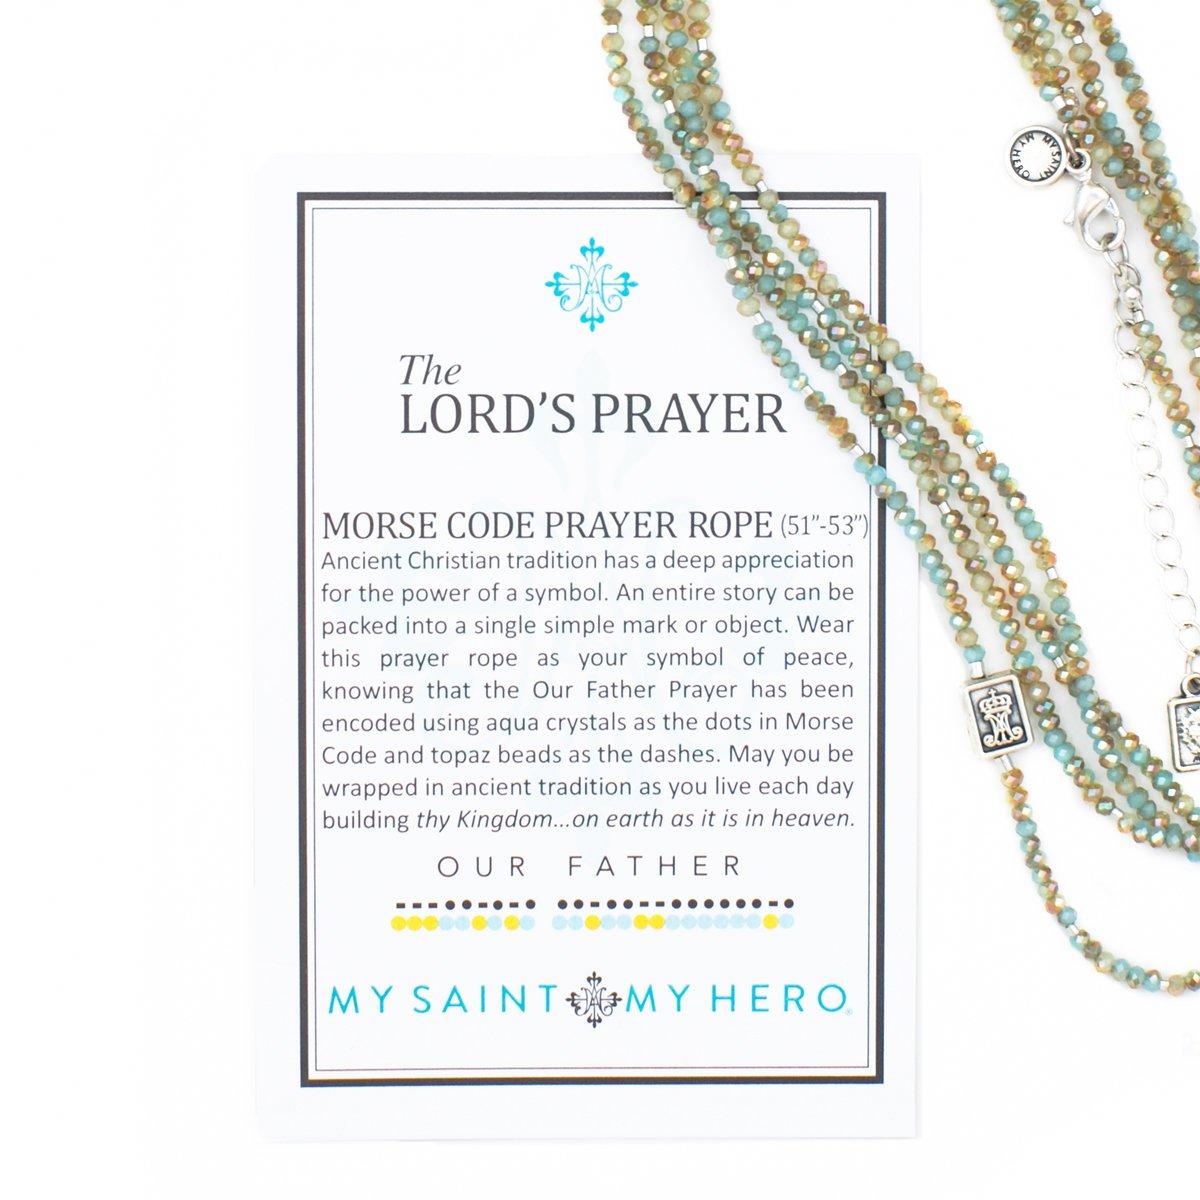 My Saint My Hero The Lord's Prayer Morse Code Prayer Rope